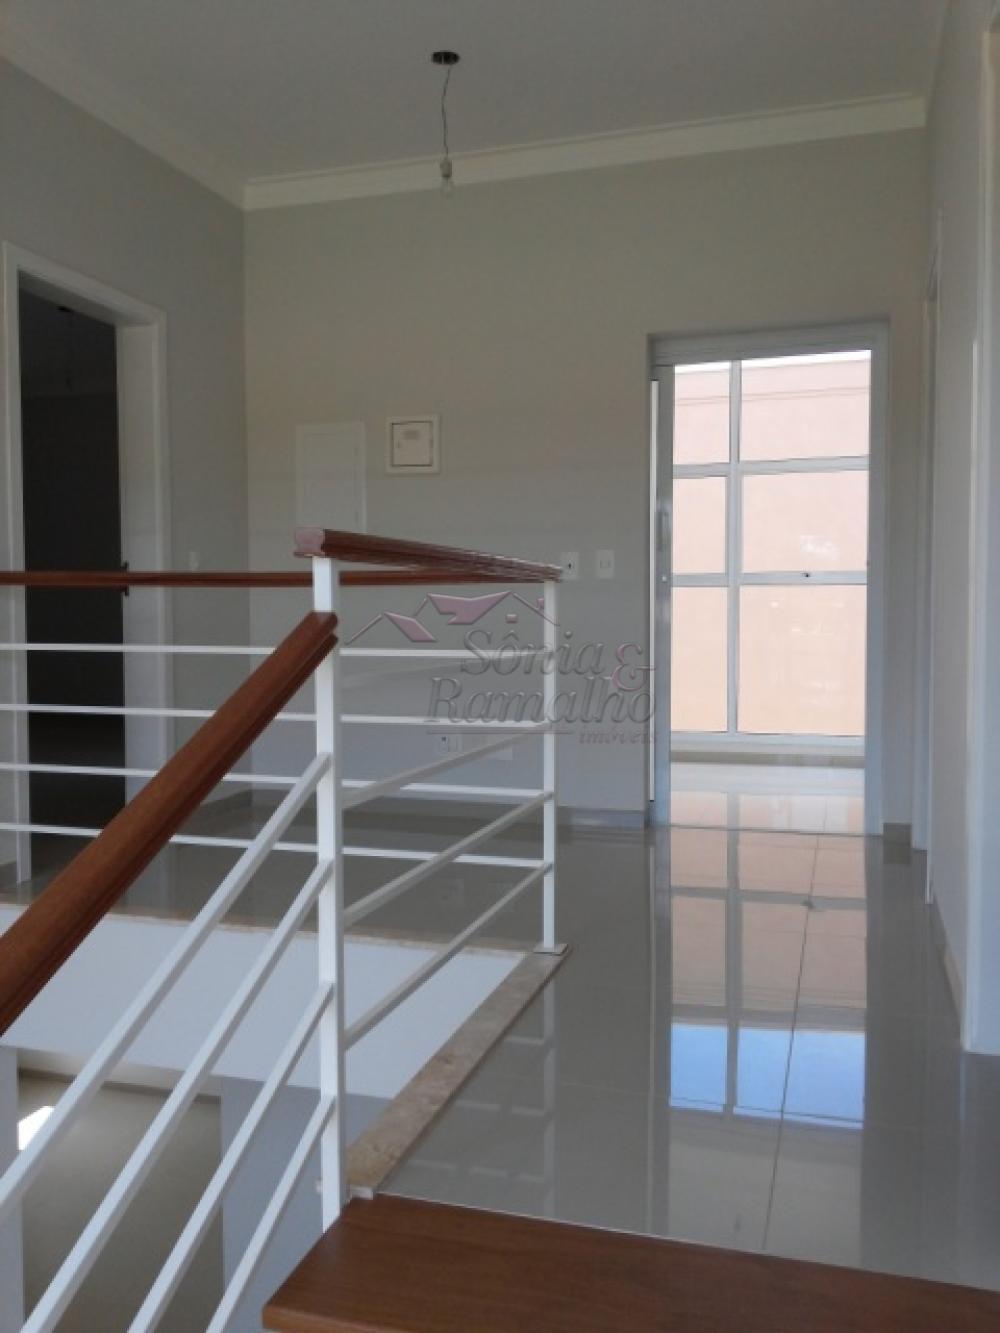 Comprar Casas / Condomínio em Ribeirão Preto apenas R$ 970.000,00 - Foto 15